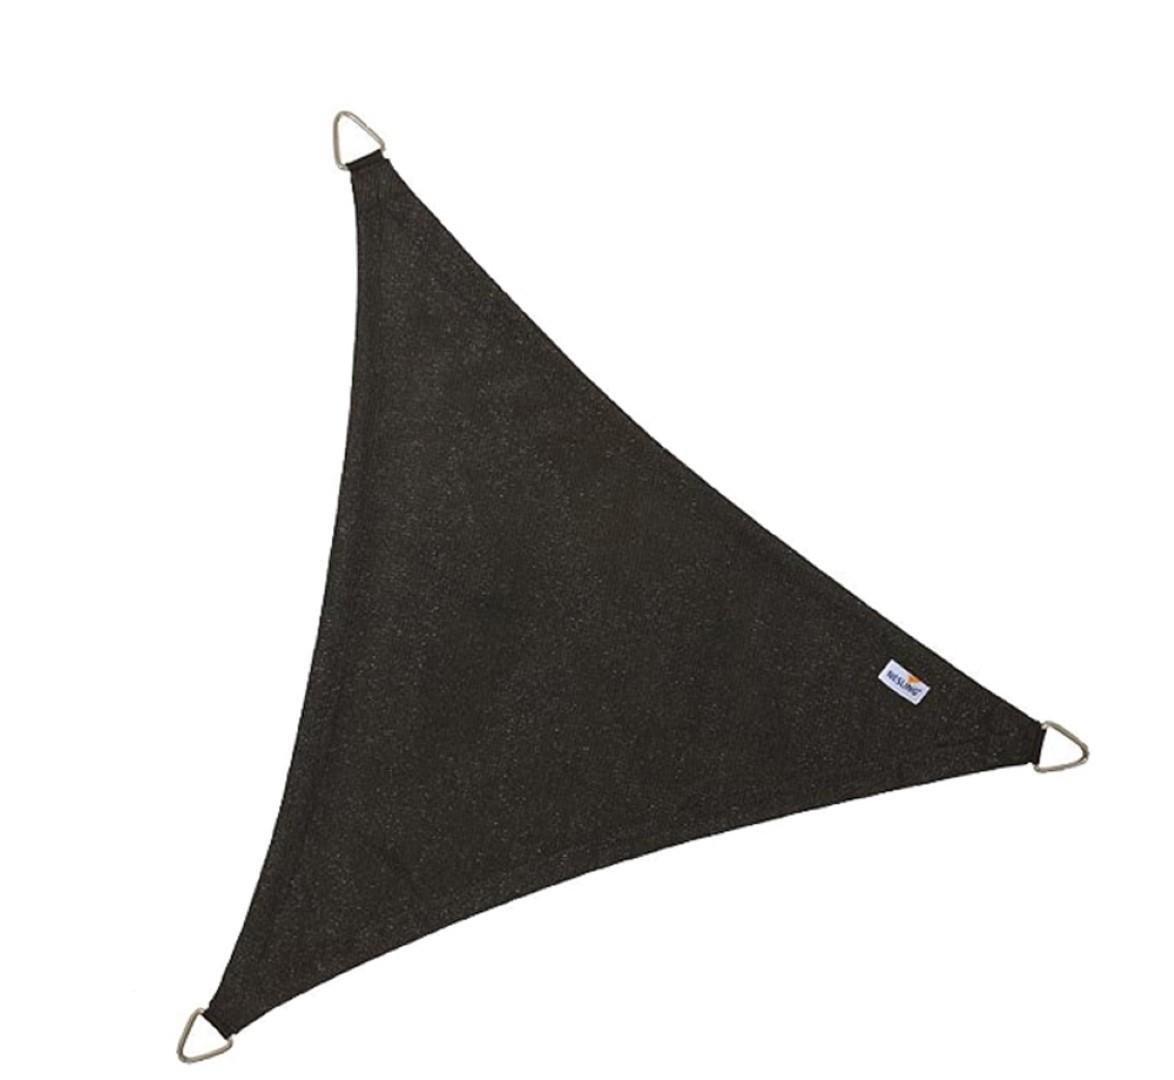 Driehoek 5,0 x 5,0 x 5,0m, Zwart